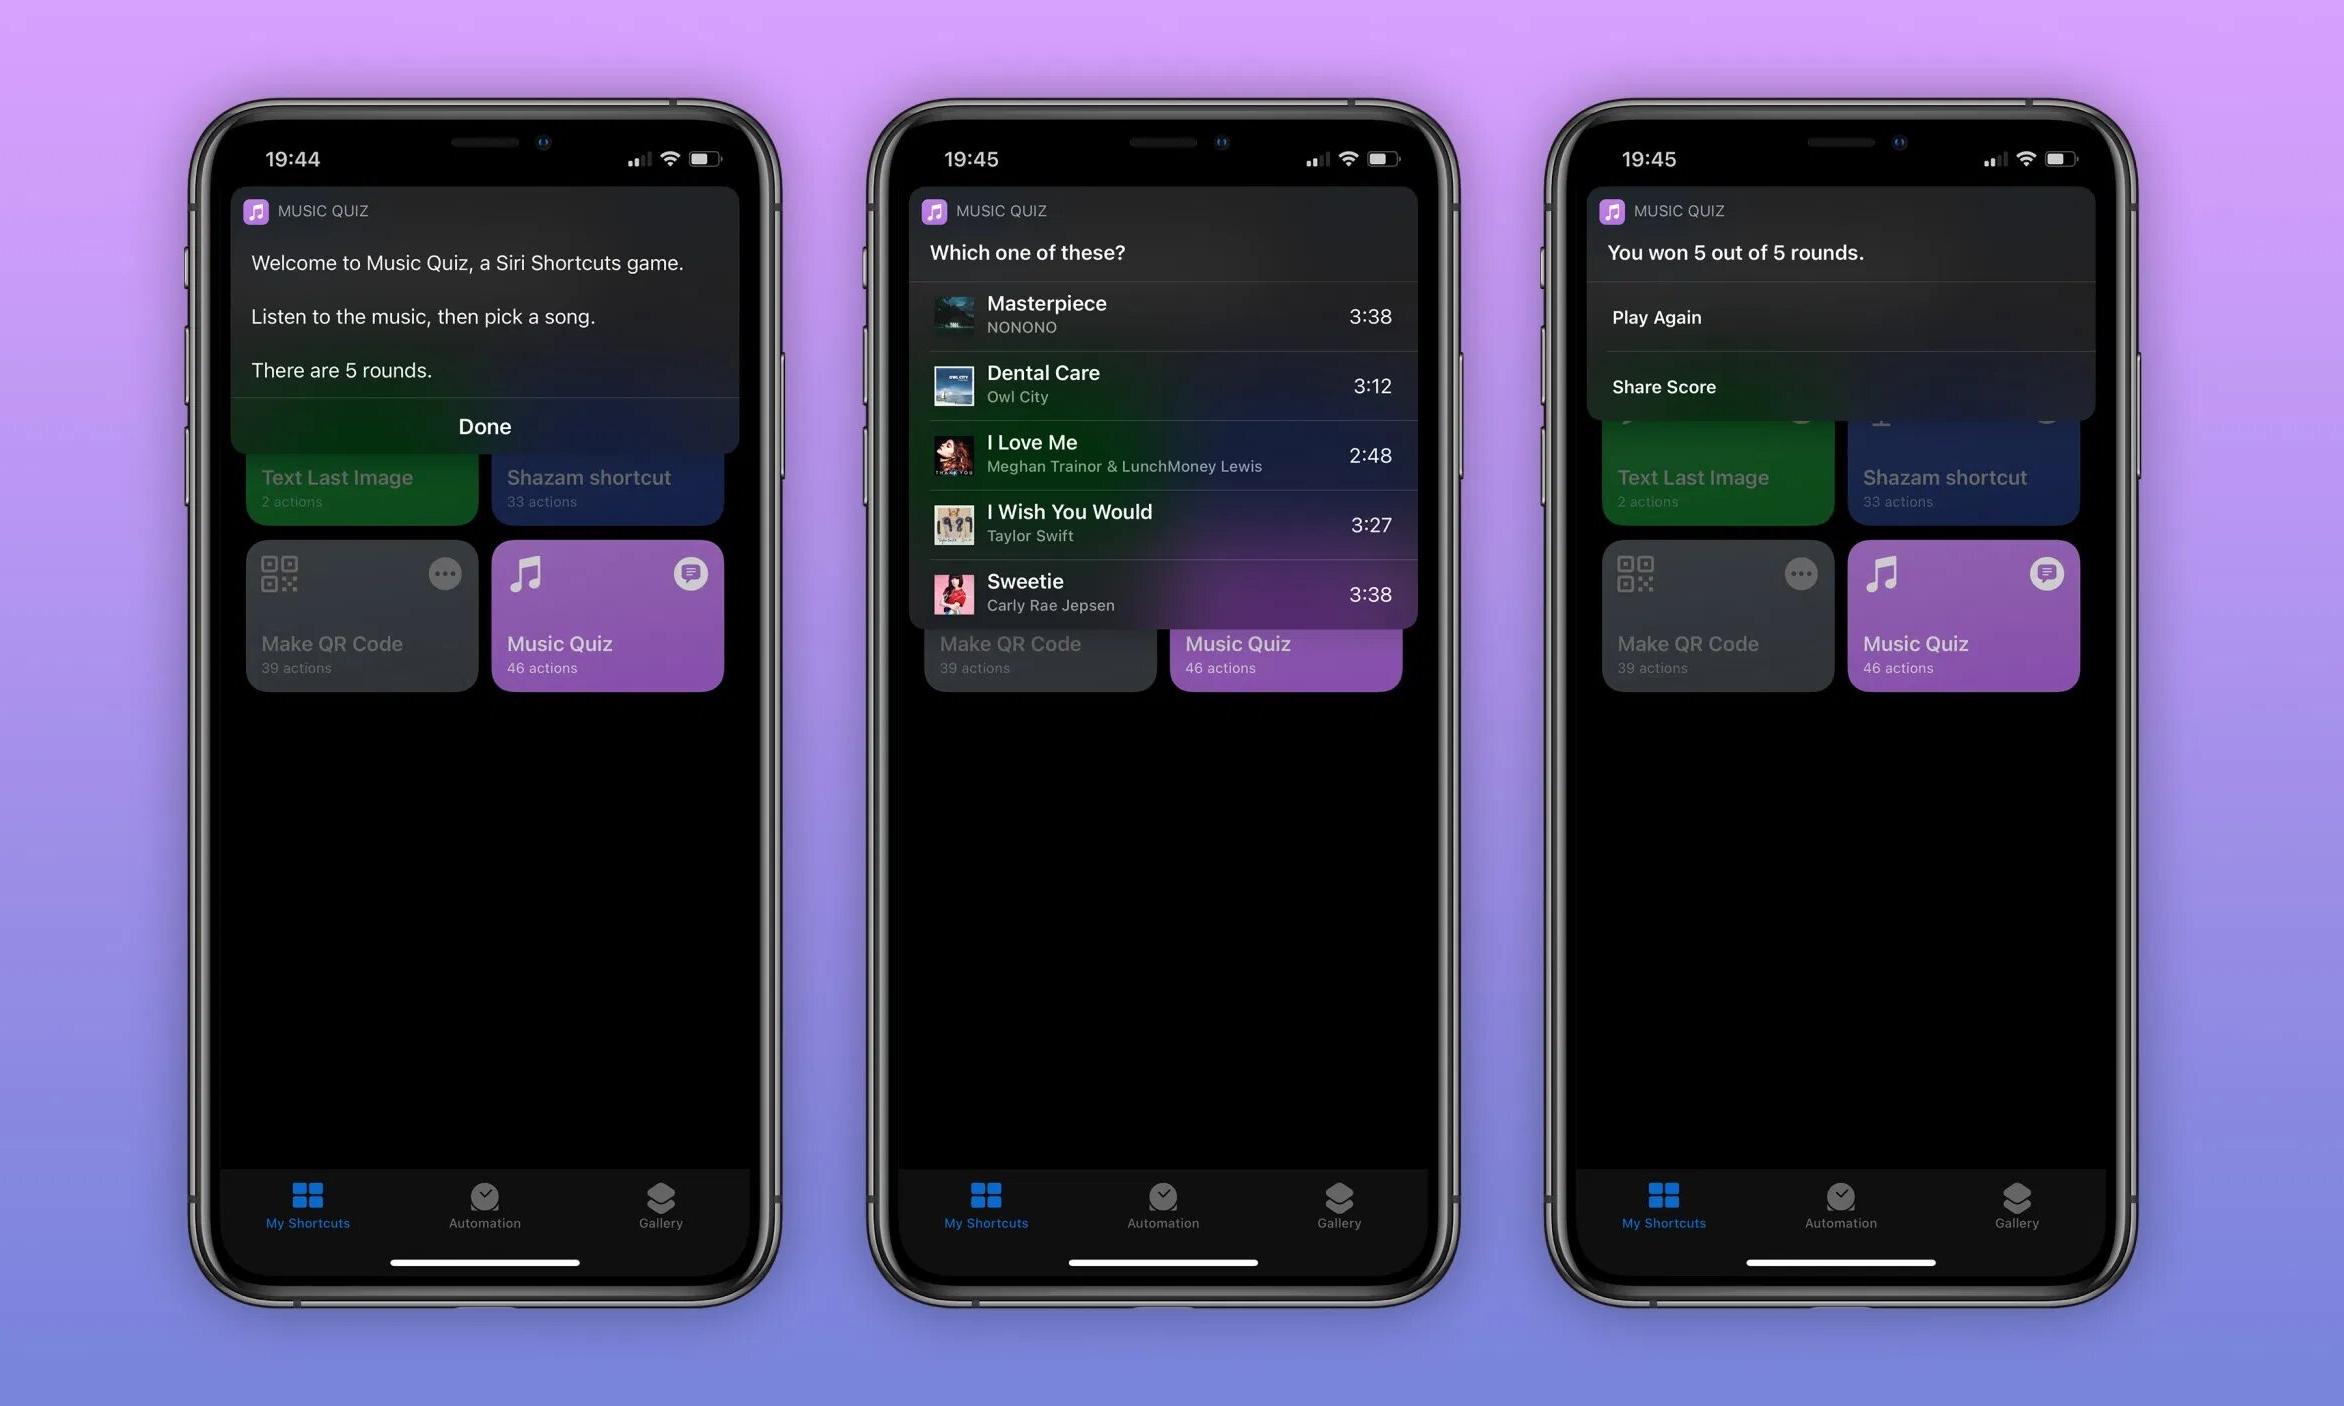 Apple 将在 iOS 14 重启 iPod 经典 Music Quiz 游戏